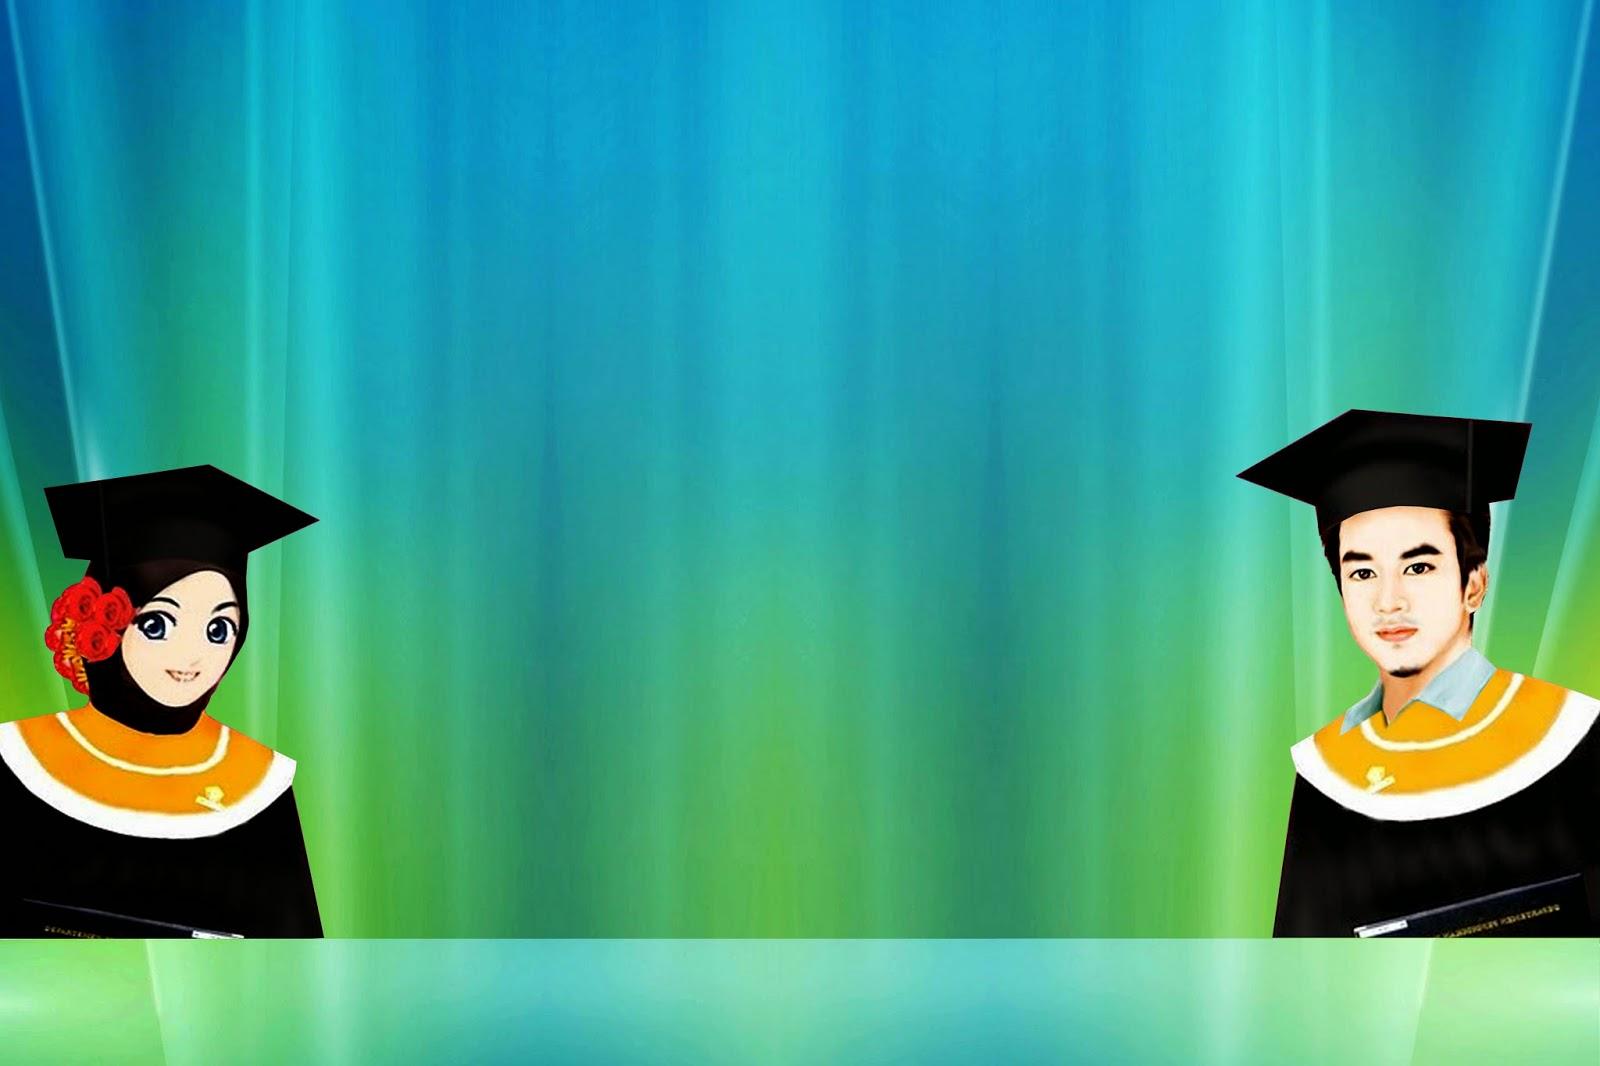 Design banner wisuda - Haflah Akhirussanah Dan Wisuda Santri 2